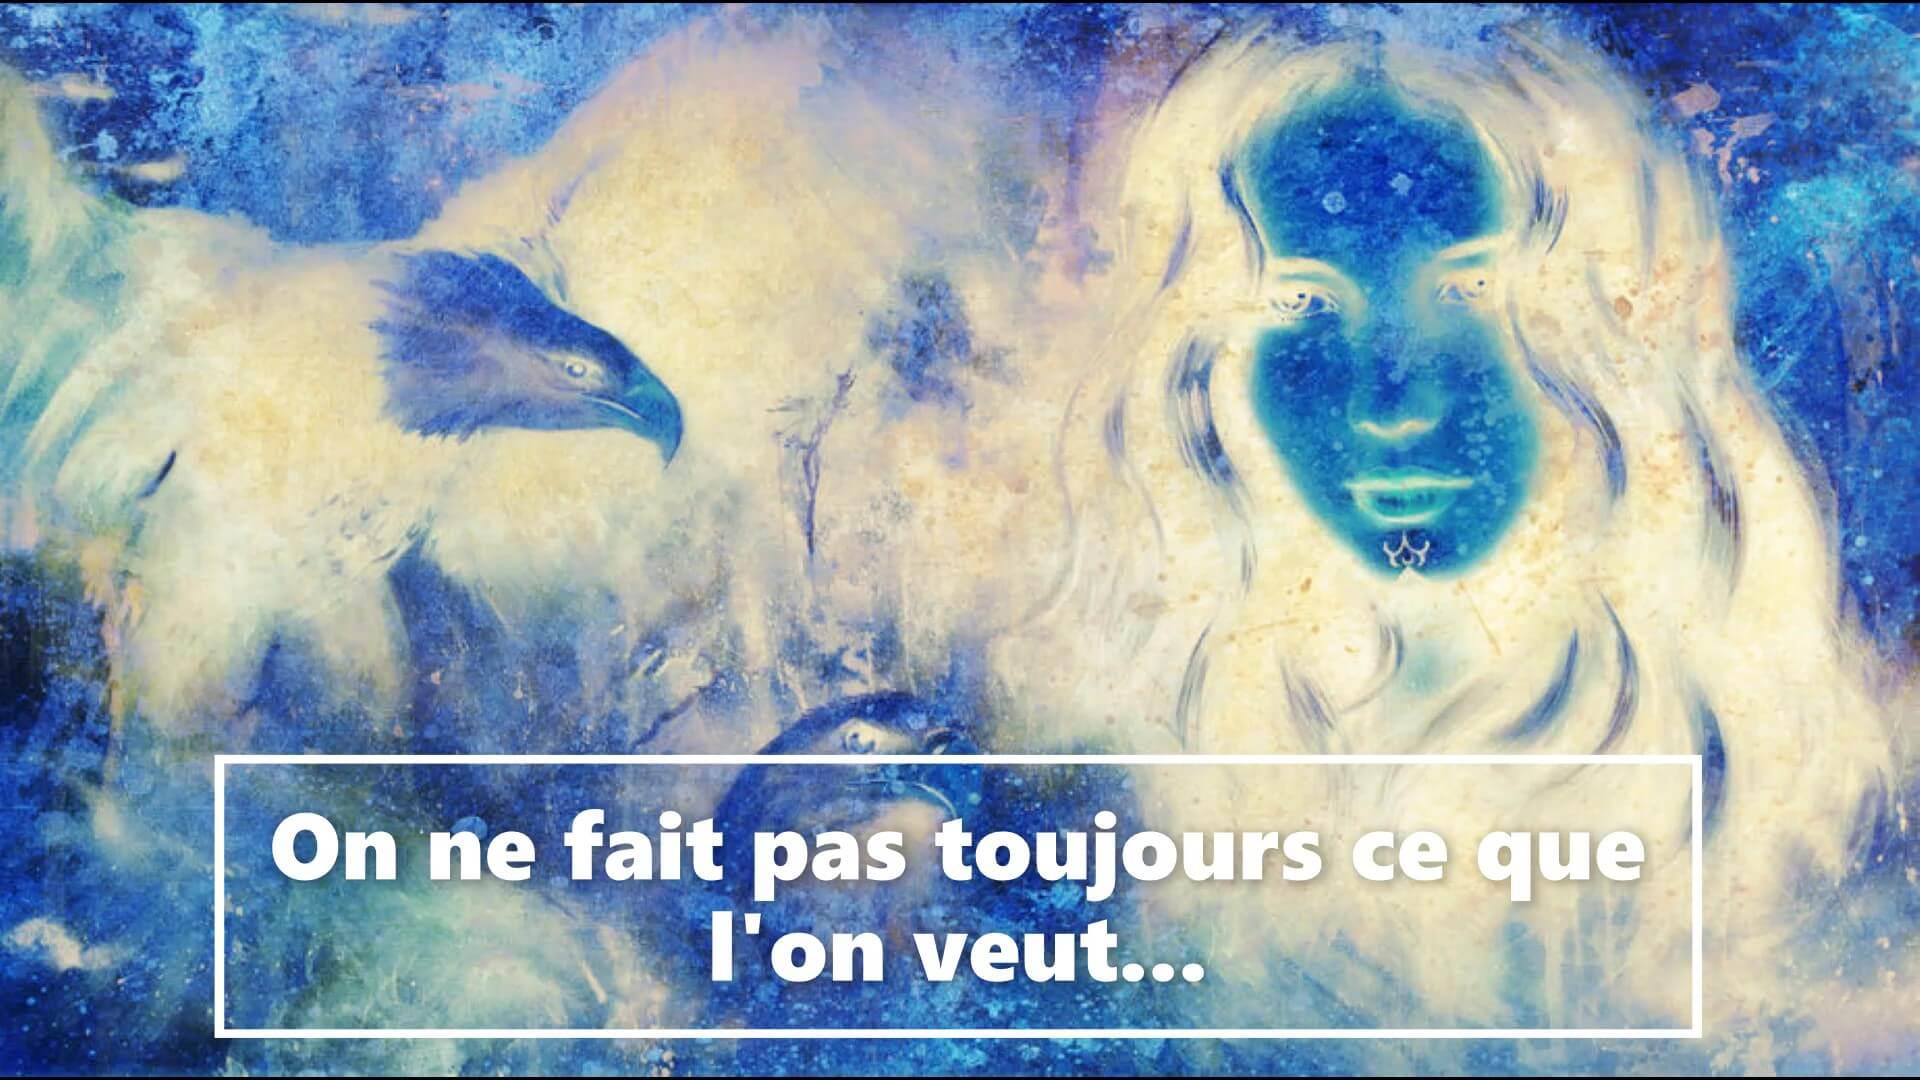 On ne fait pas toujours ce qu'on veut… – Mathieu Tourrette